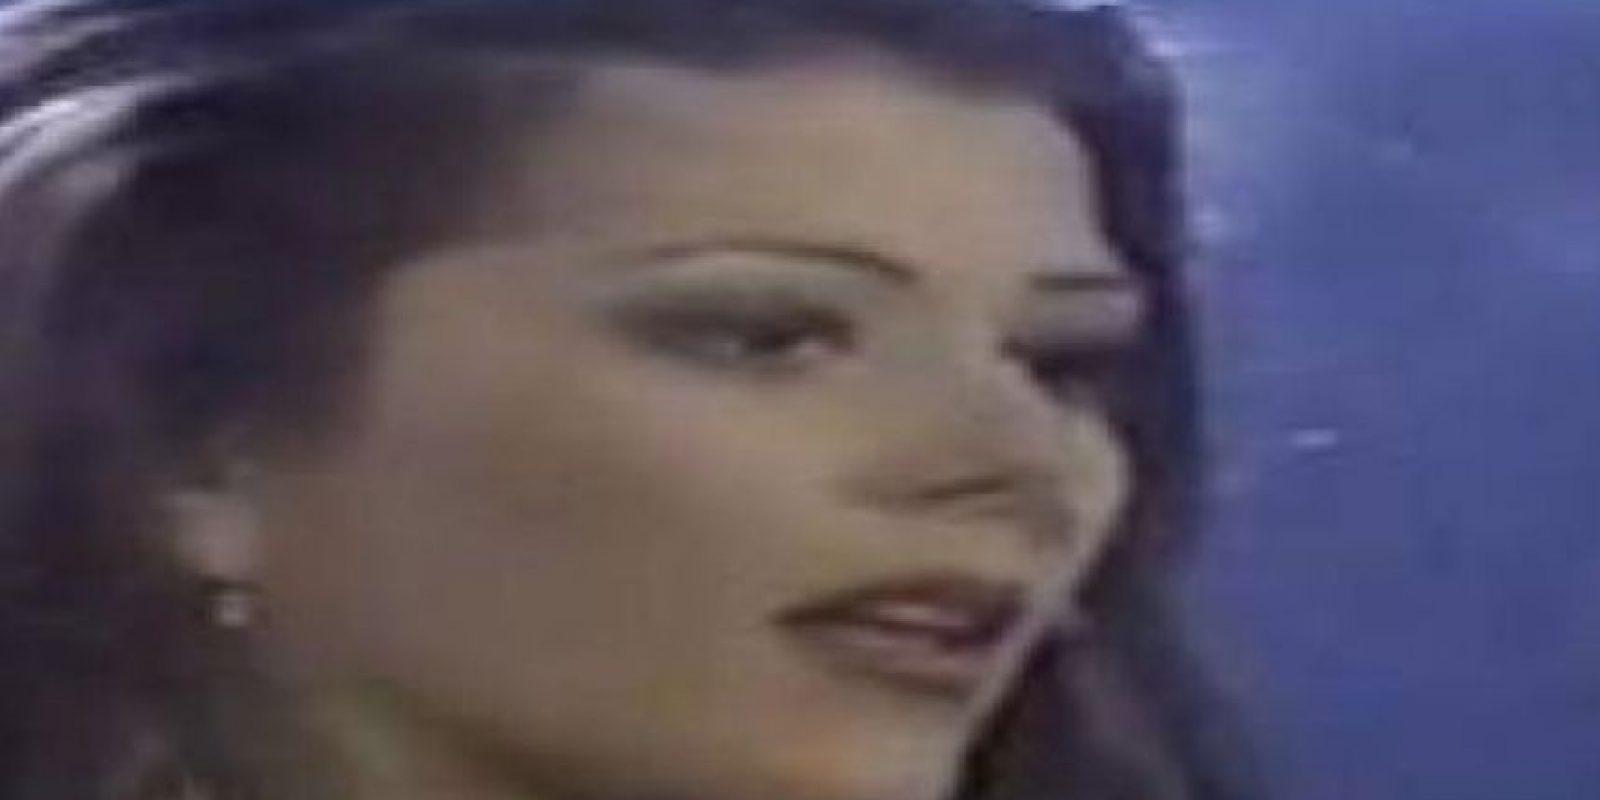 """Alejandra Guzmán se hizo muy conocida en Latinoamérica por canciones como """"Mala Hierba"""" o """"Hacer el amor con otro"""". Foto:vía Youtube"""